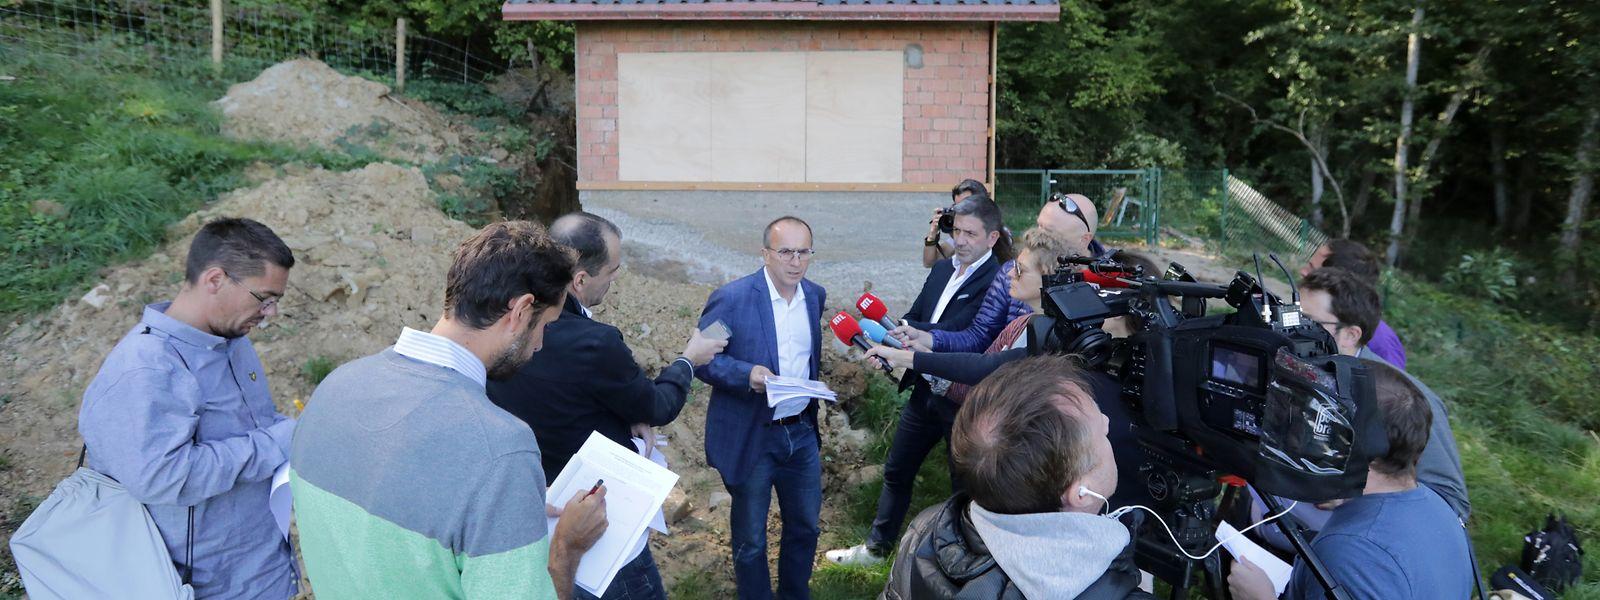 Roberto Traversini spricht vor seinem Gartenhäuschen zu Reportern.